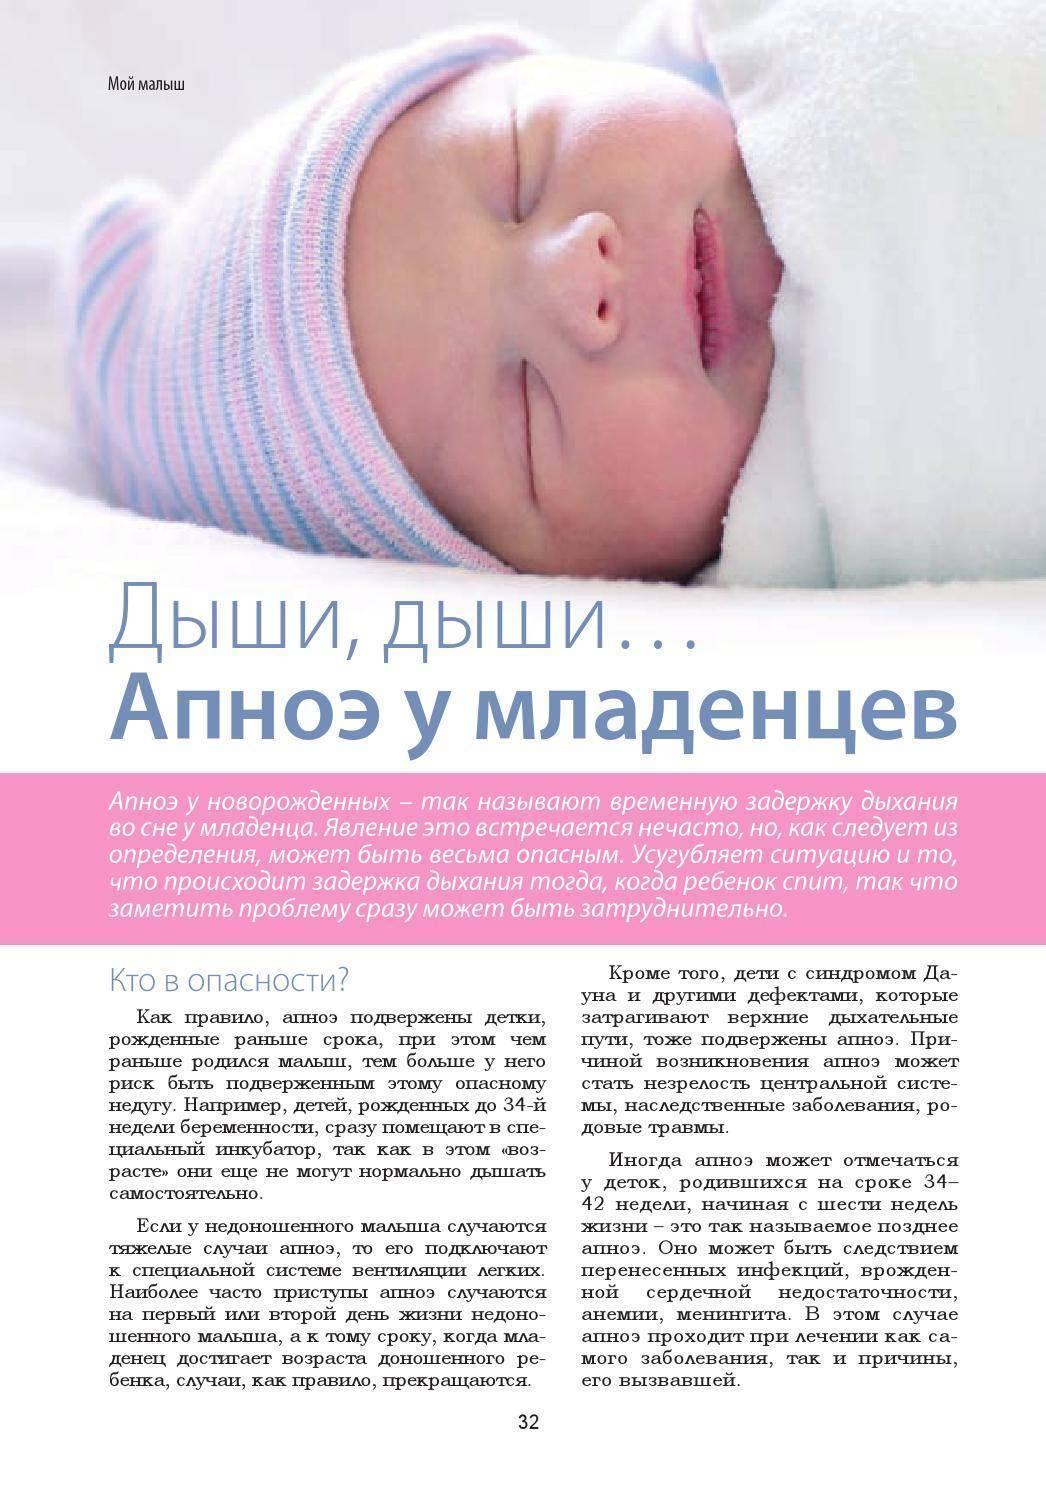 Новорожденный часто дышит во сне - какие причины и что с этим делать 2020